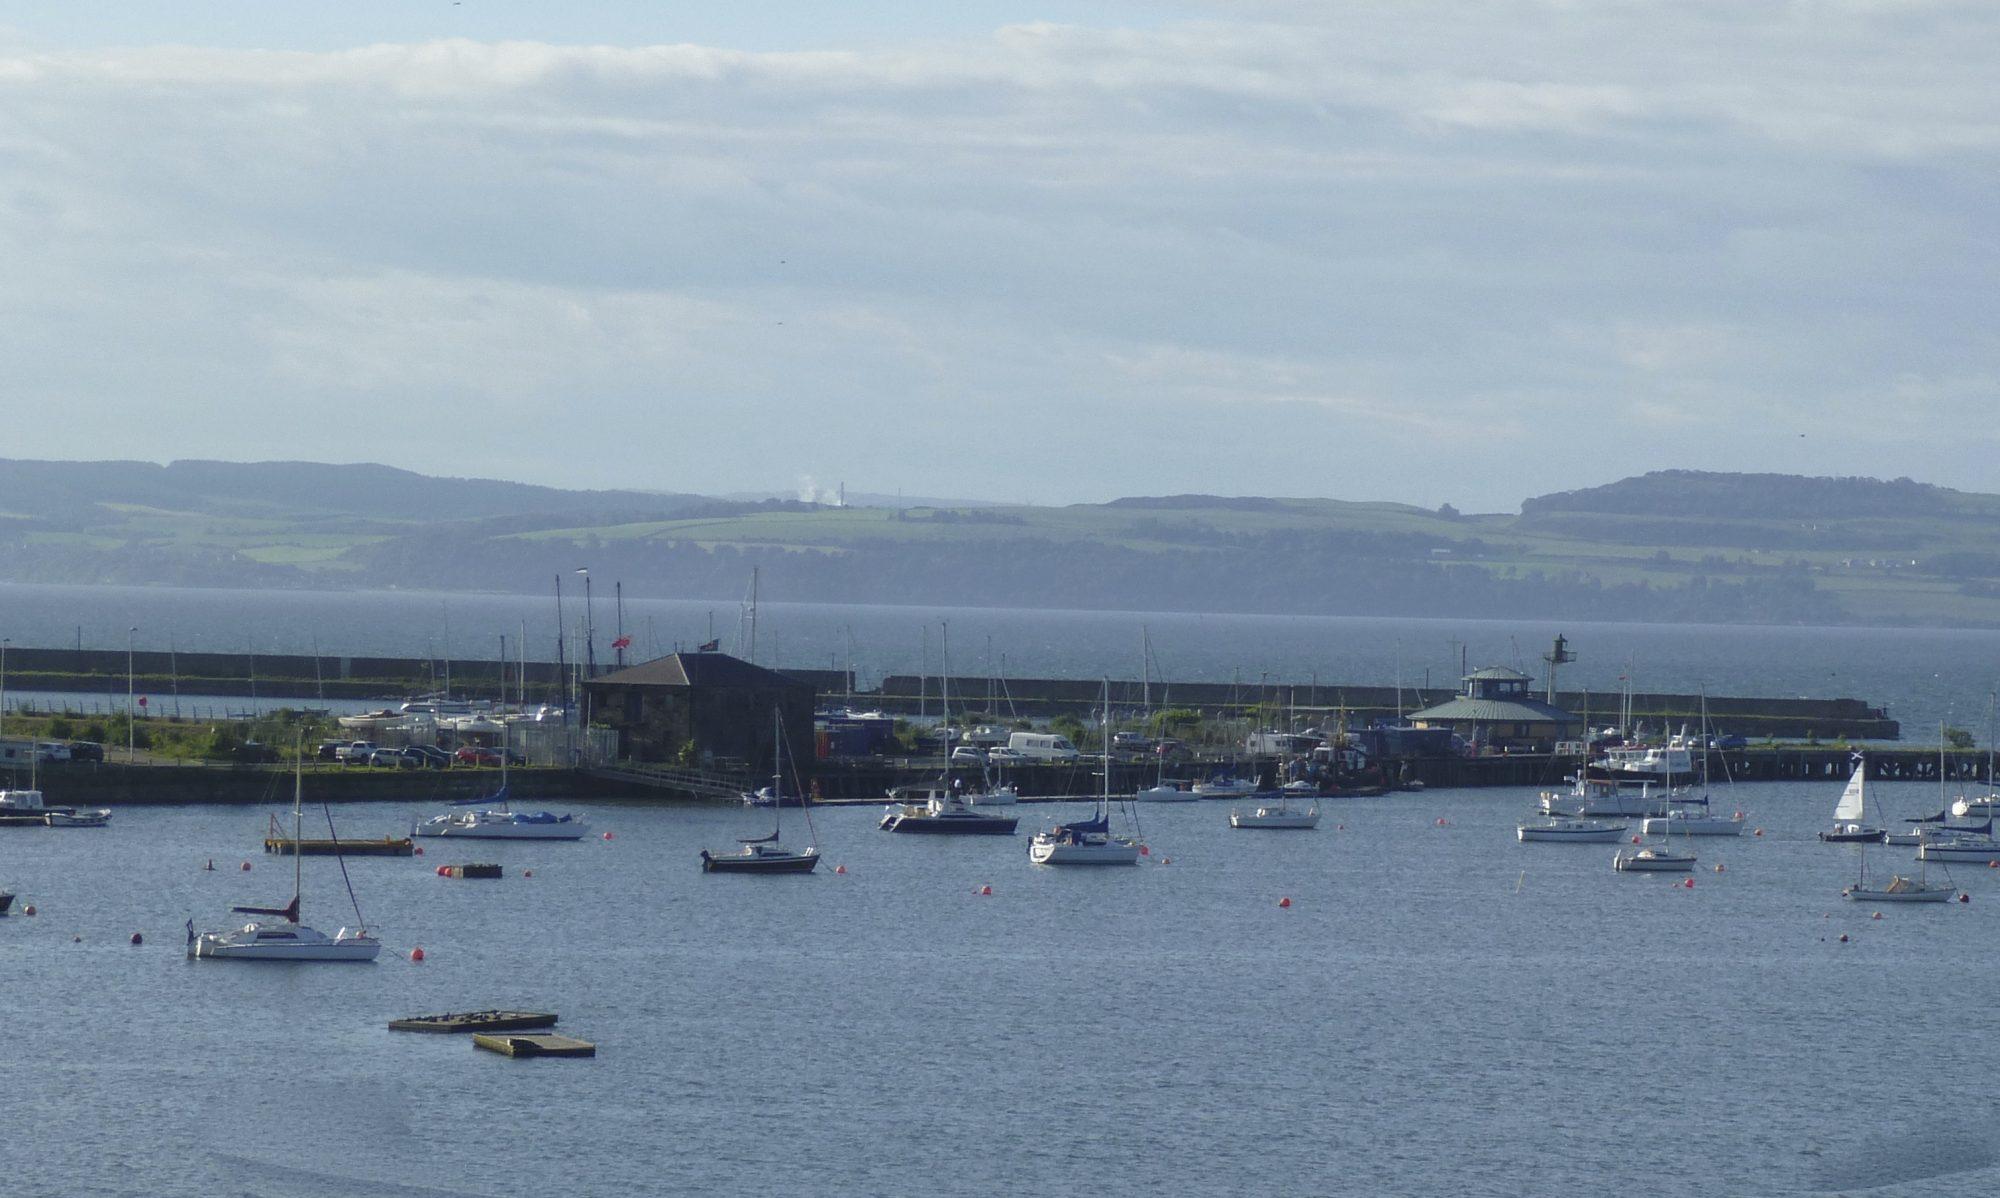 Edinburgh Marina